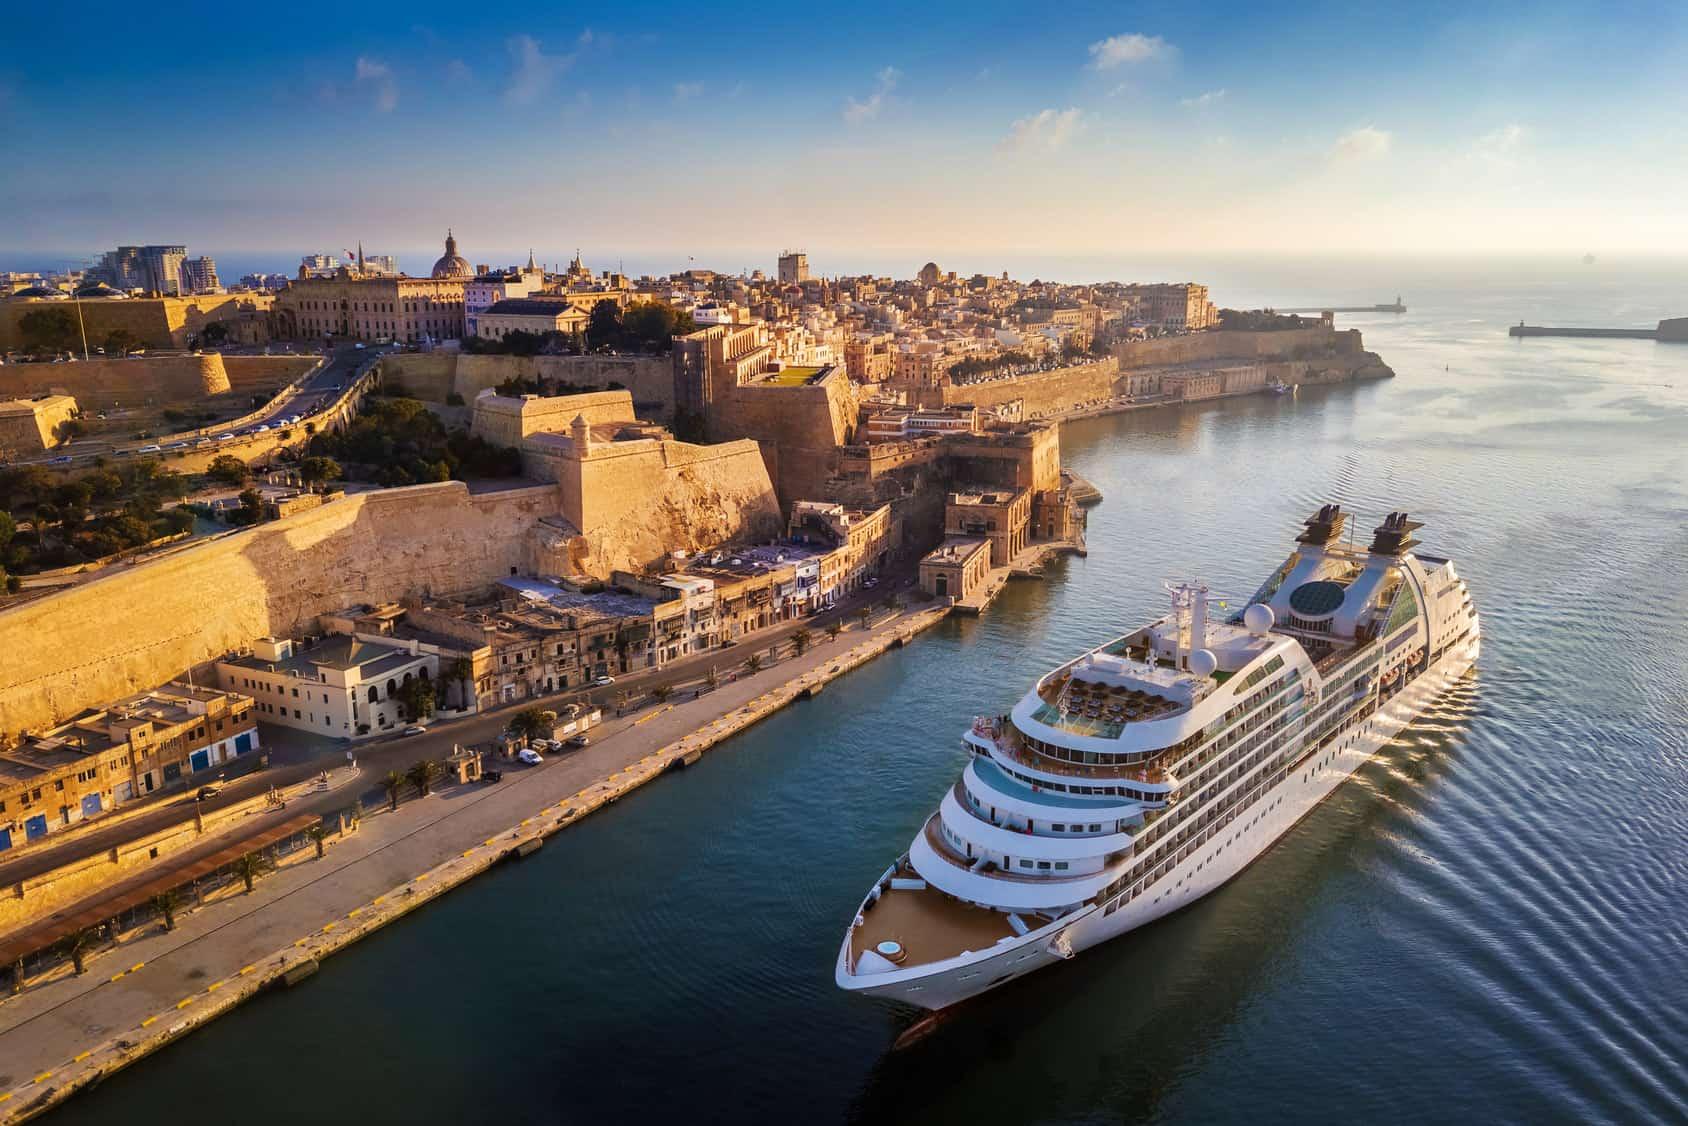 statek wycieczkowy płynący wzdłuż wybrzeża Malty